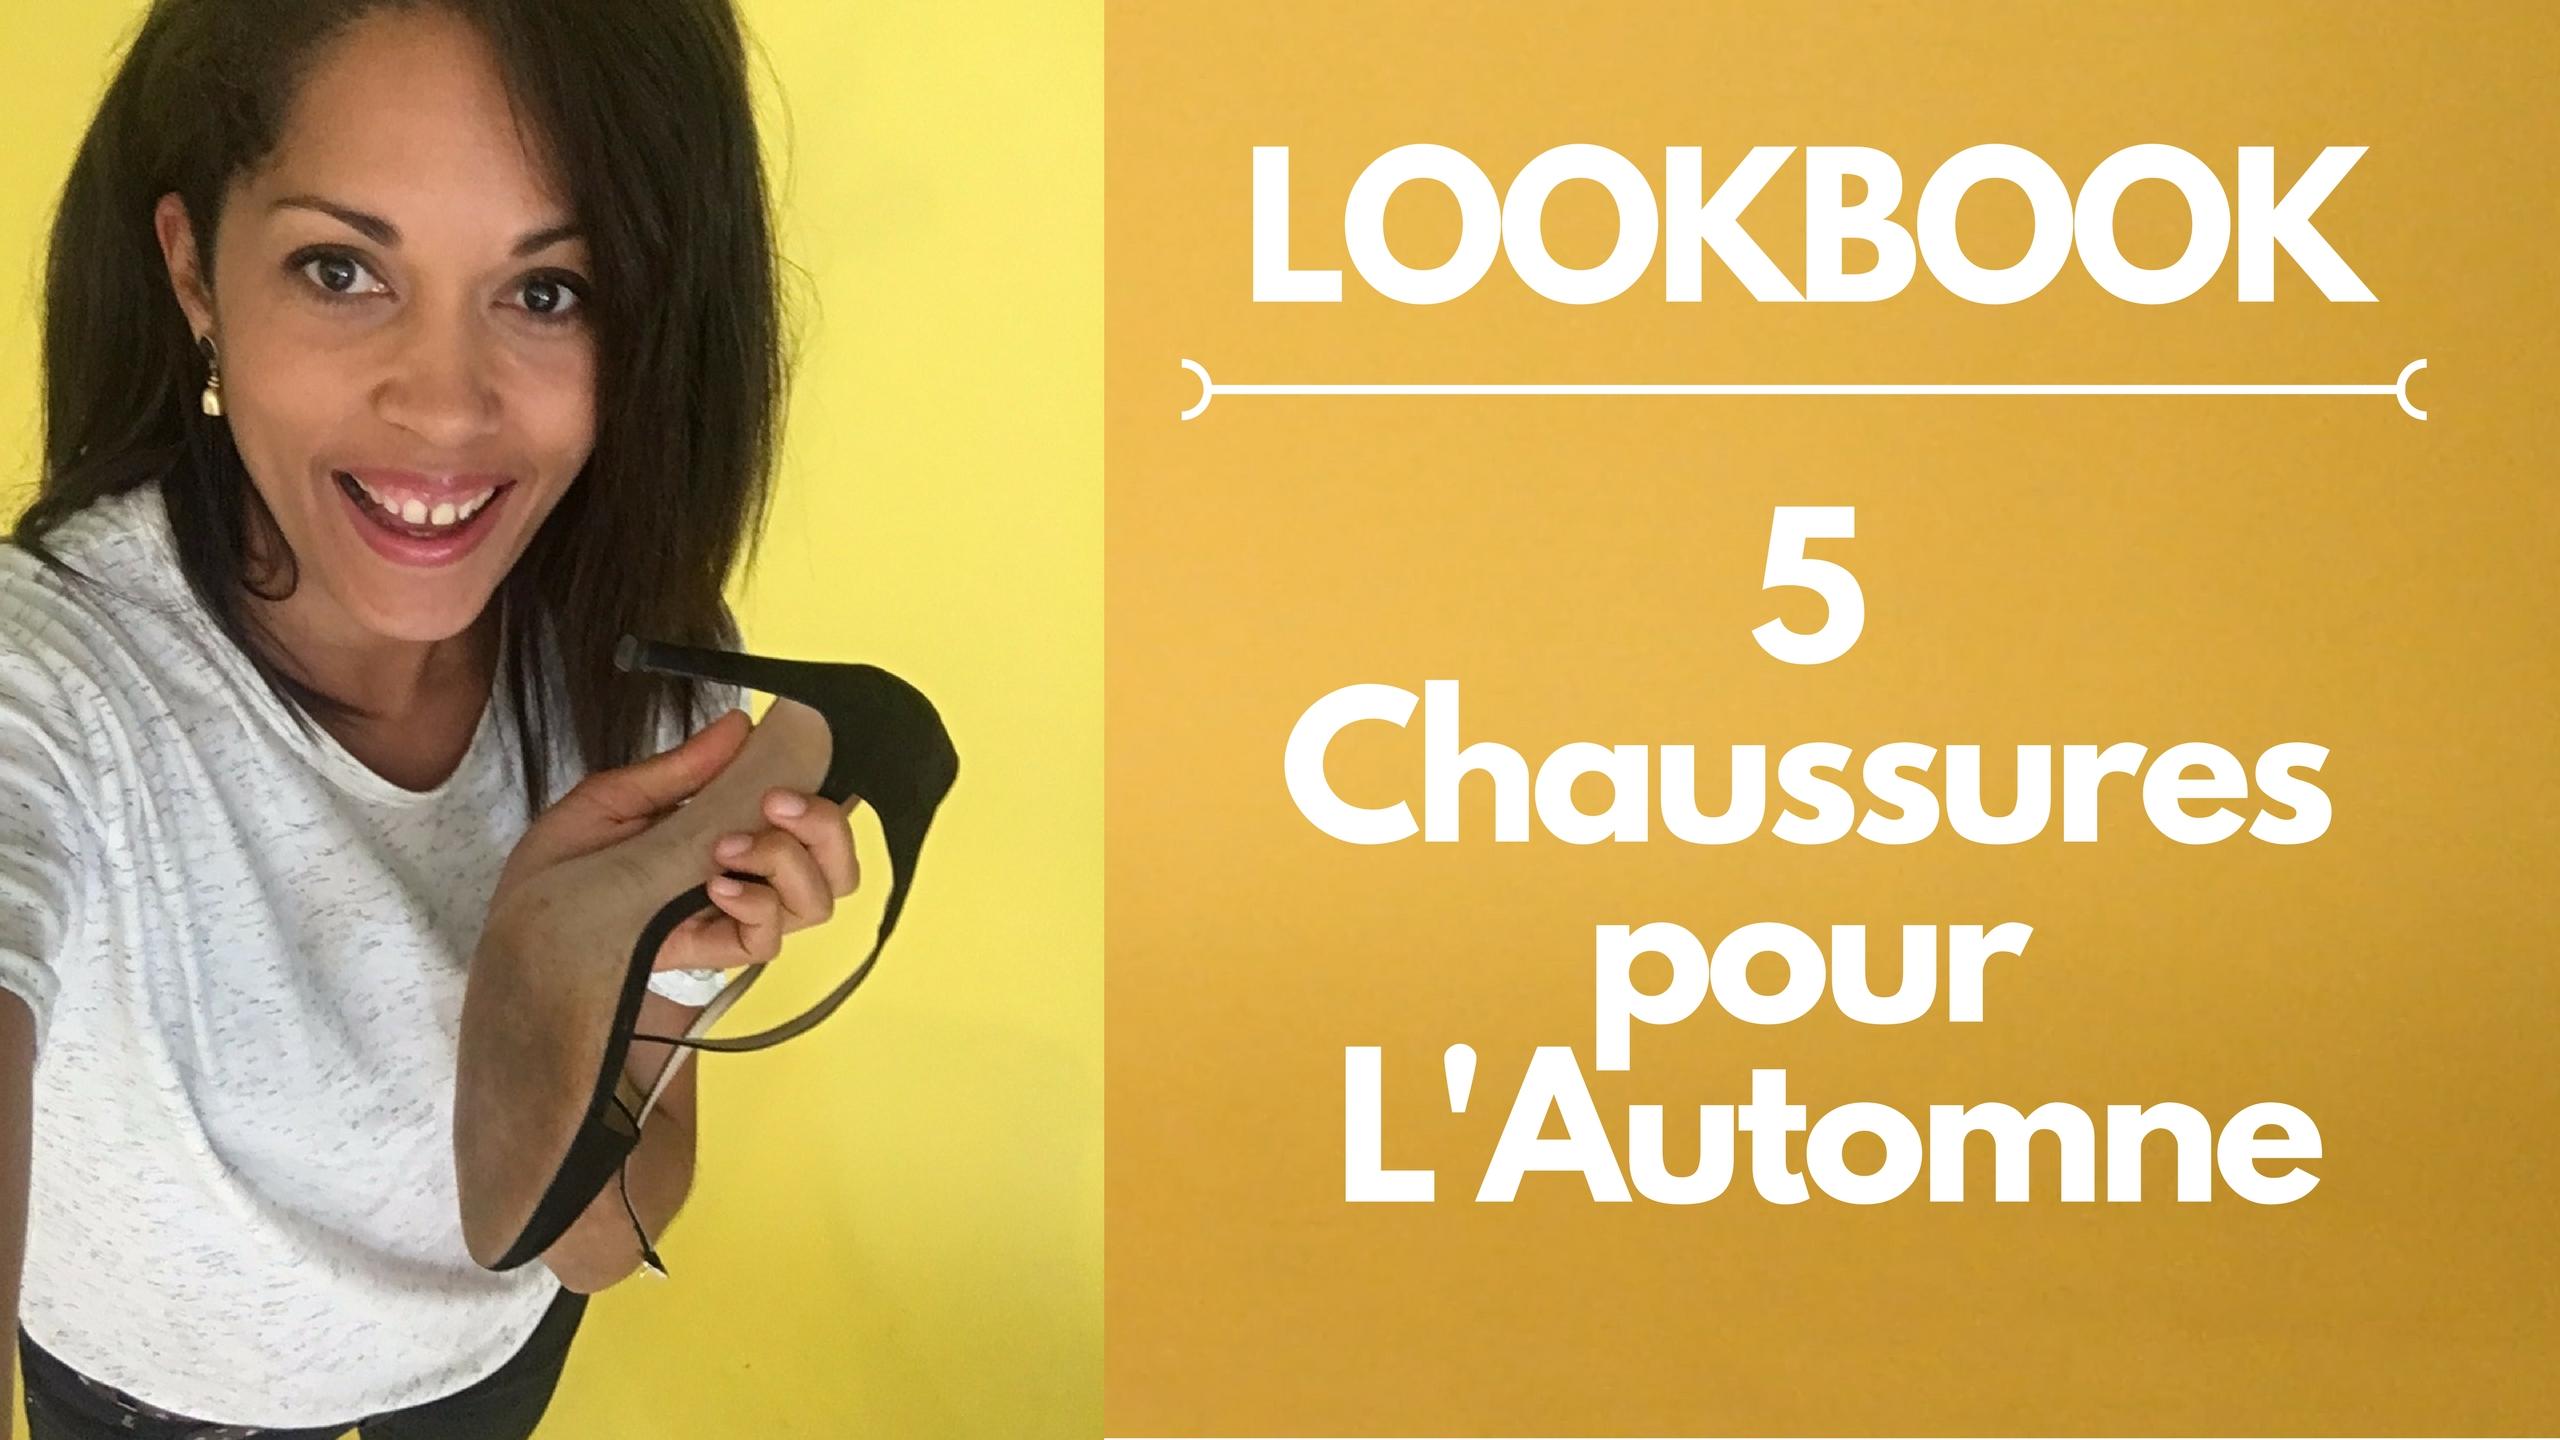 5 CHAUSSURES POUR L'AUTOMNE